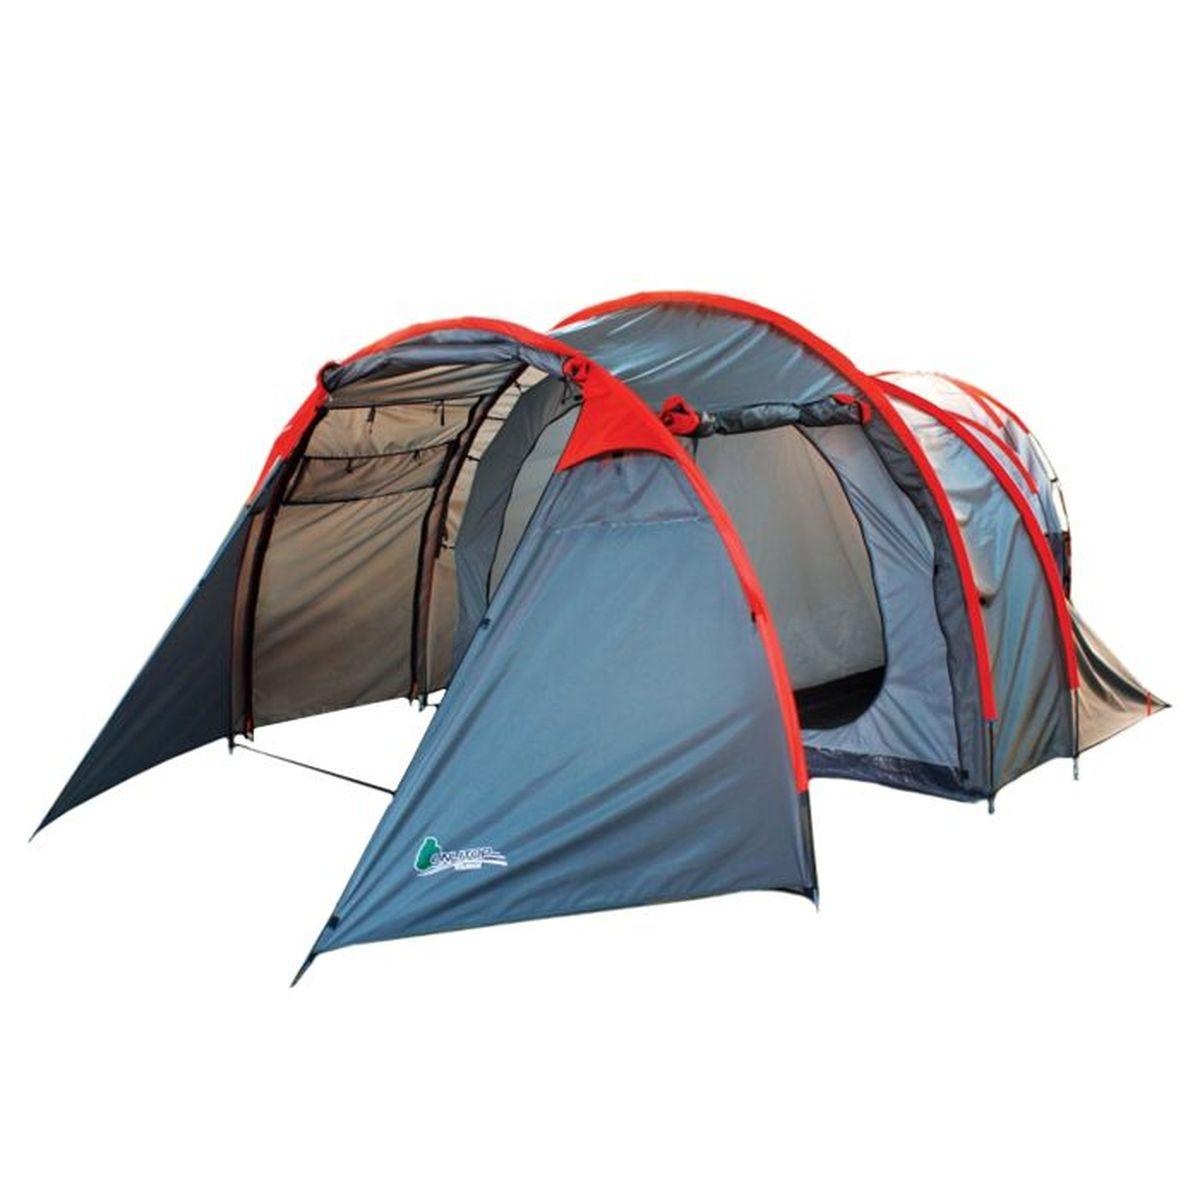 Палатка туристическая Onlitop Voyager, 4-местная, цвет: серый70101Туристическая палатка Onlitop Voyager - универсальный инвентарь для походов и семейного отдыха на природе. Она обеспечит надежную защиту от дождя, ветра и зноя, а также оградит от мелких насекомых, грызунов и змей. Увеличенный тамбур с двумя входами позволяет разместить инвентарь за пределами палатки. Шесть вентиляционных окон помогут проветрить палатку, что особенно актуально при ее большой вместимости. Несмотря на объемность, конструкция легка в сборке. Положите палатку в багажник машины, рюкзак или несите ее за удобные ручки и наслаждайтесь досугом.Конструкция палатки: - 2 палатки объединены одним большим тамбуром для хранения вещей; - 2 входа в тамбур; - отдельный вход в каждую палатку; - москитная сетка на входе.Внутреннее оснащение: - 6 вентиляционных окон; - карманы для хранения вещей.Размер палатки: 500 x 300 x 200 см (тамбур 80 см + тамбур 160 см + 2 комнаты по 130 см).Что взять с собой в поход?. Статья OZON Гид